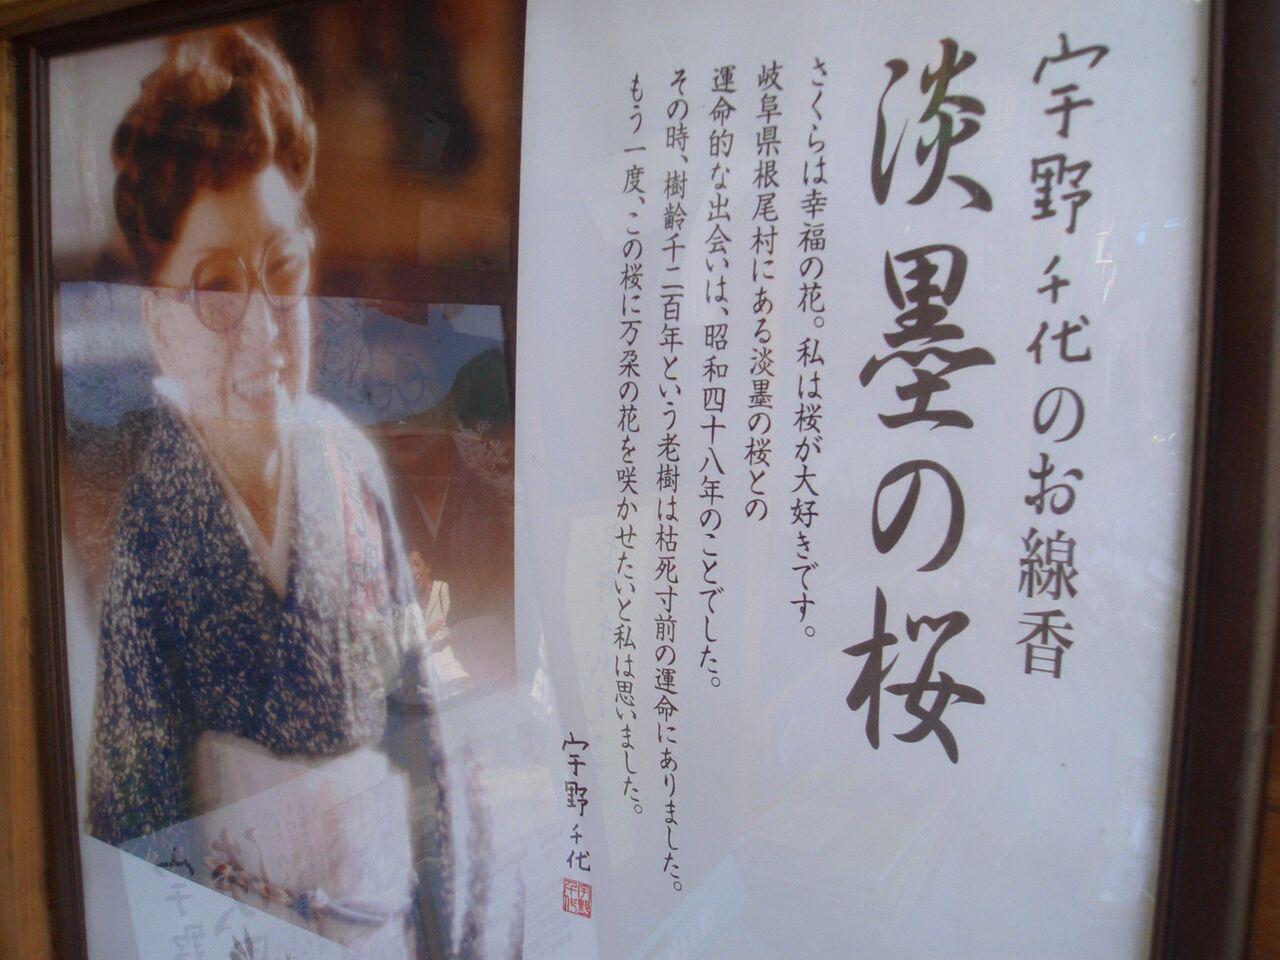 作家宇野千代さんの生前の桜にたいする言葉と思い